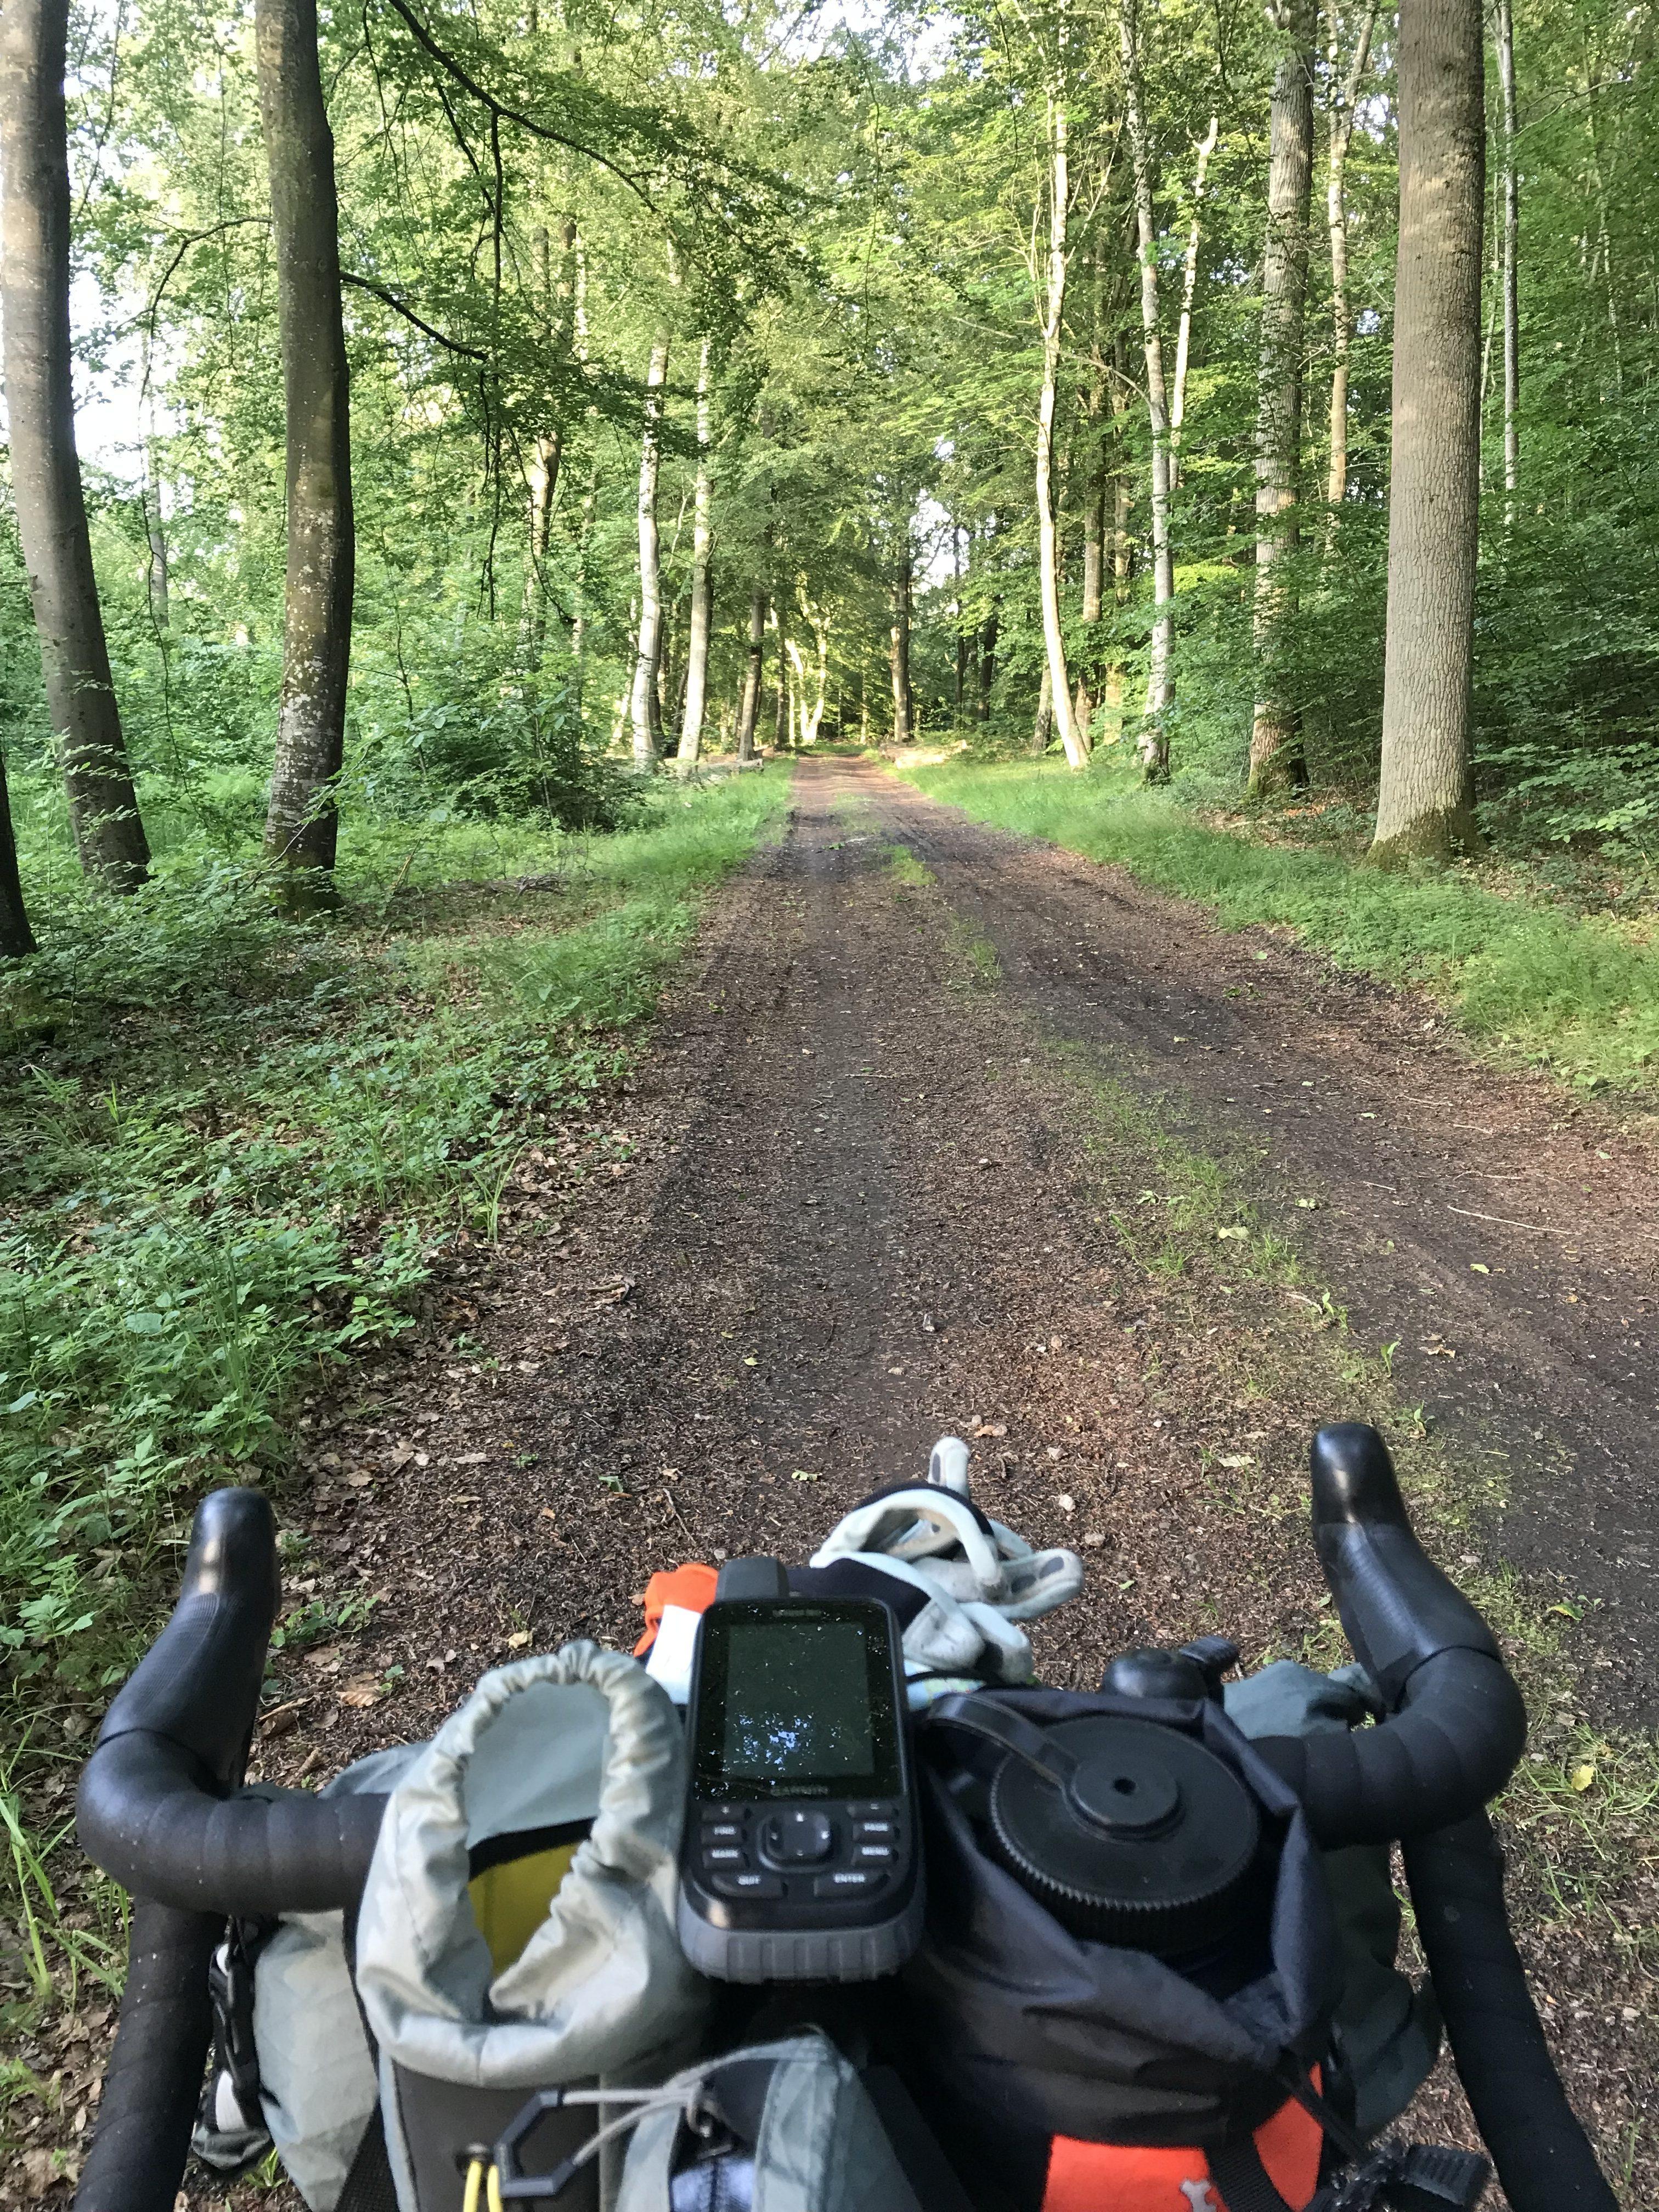 Turen gennem Gribskov foregår primært på større skovveje med enkelte lidt mere udfordrende passager indlagt.